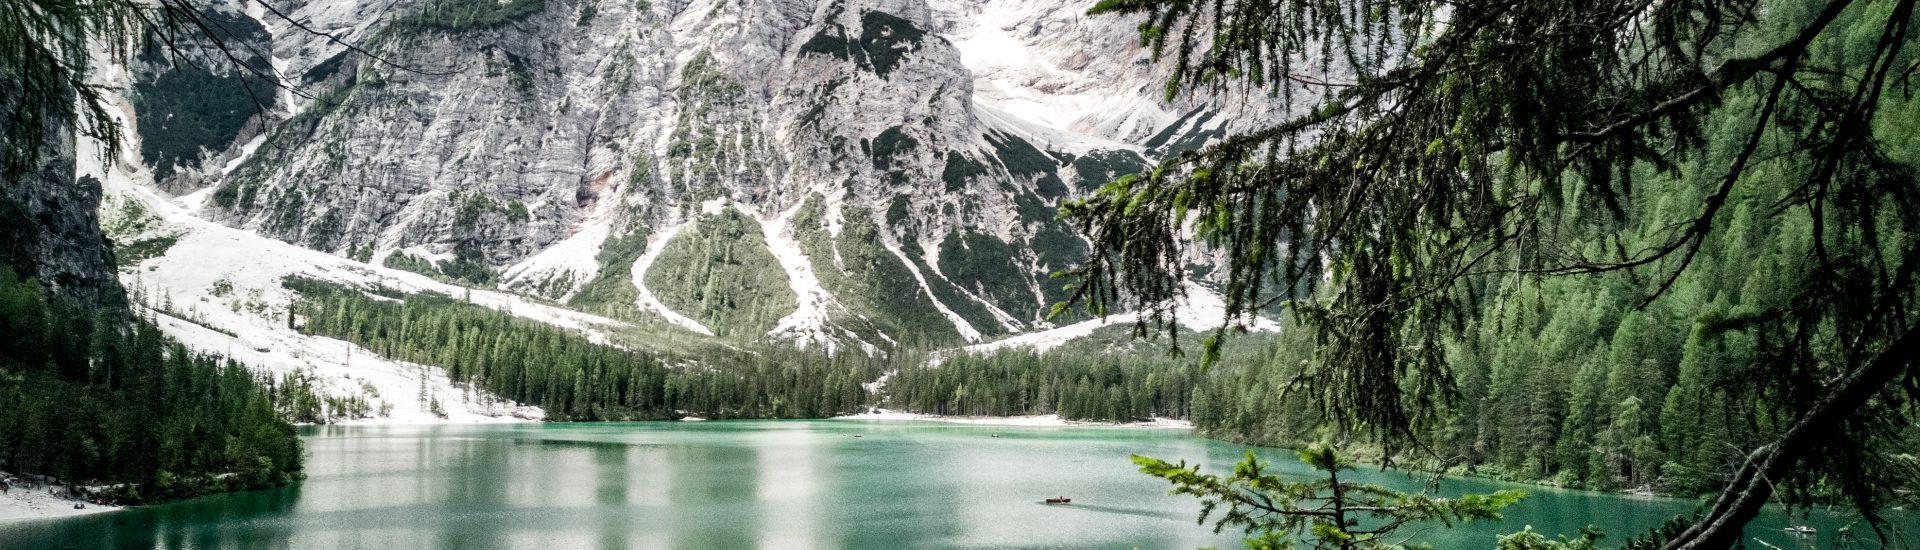 Copertina-Lago-di-Braies